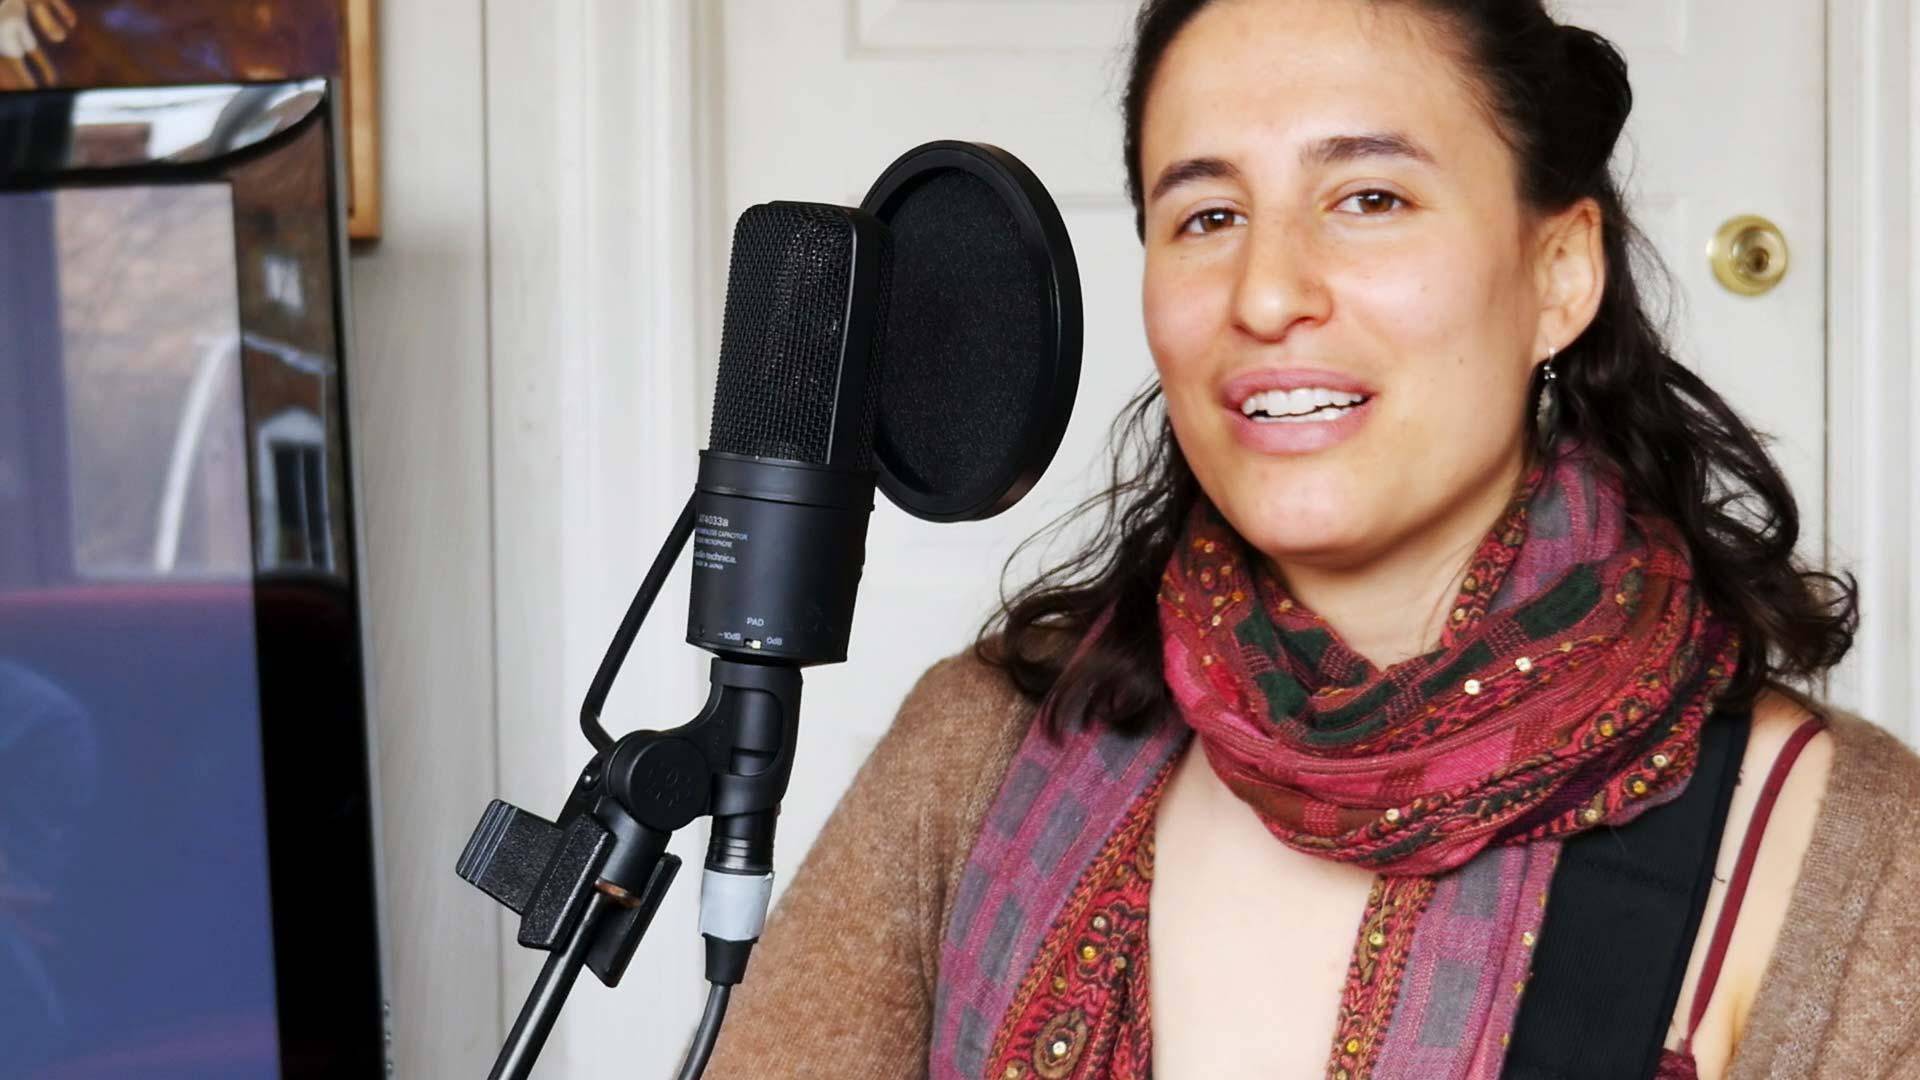 Leah Shoshanah